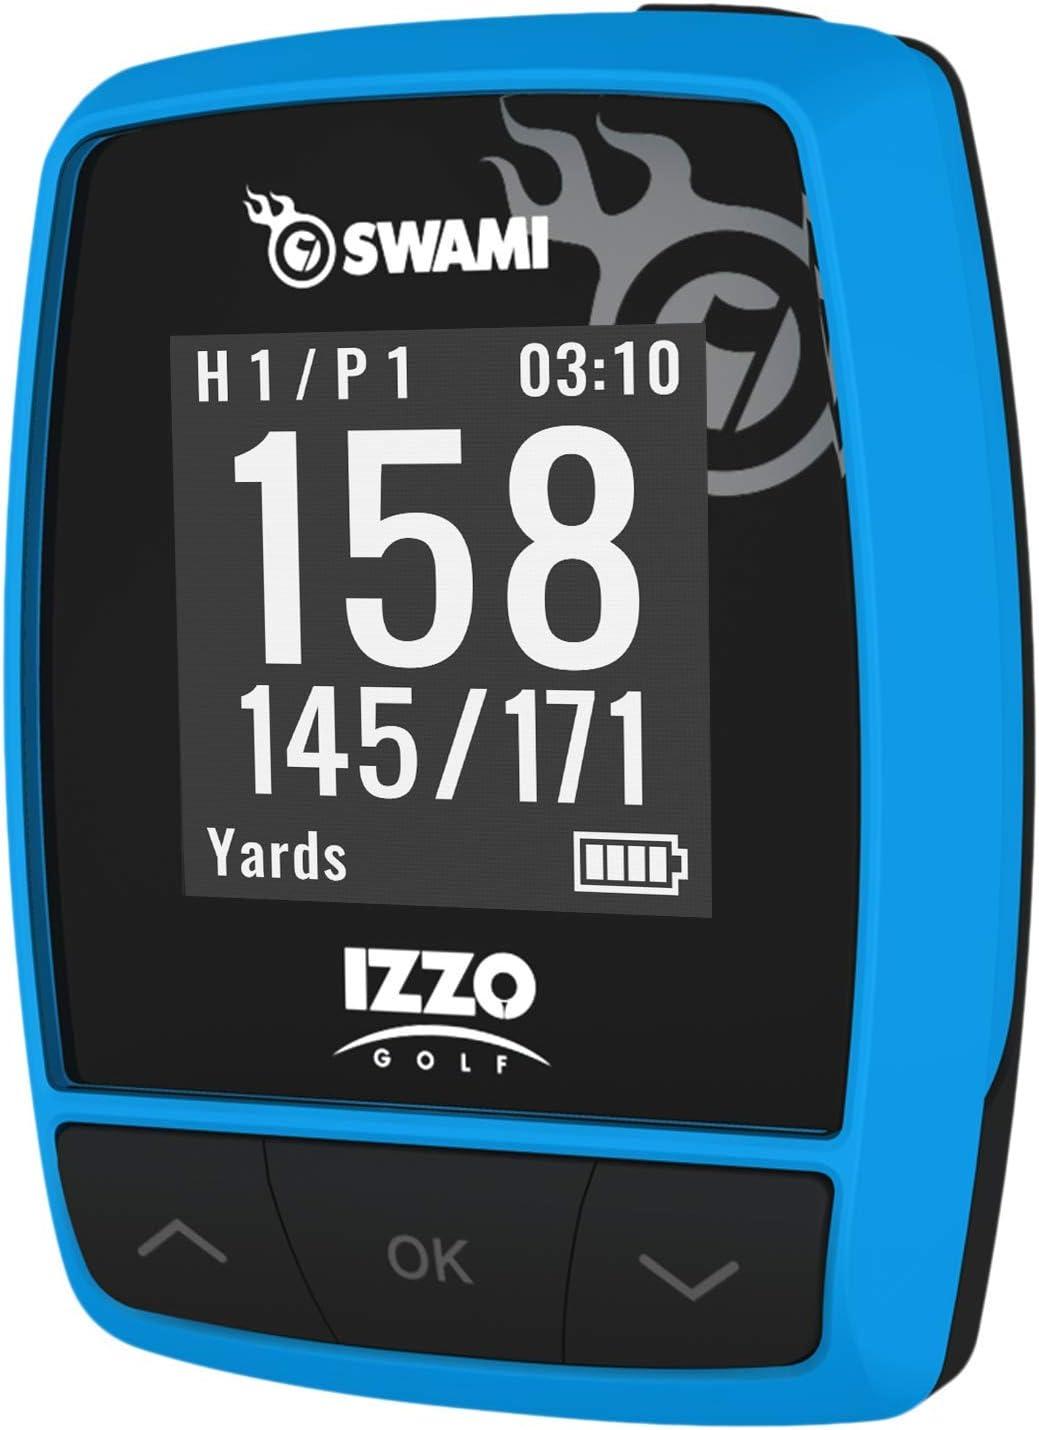 Swami Kiss Golf GPS rangefinder - Rangefinder Handheld Outlet High material SALE